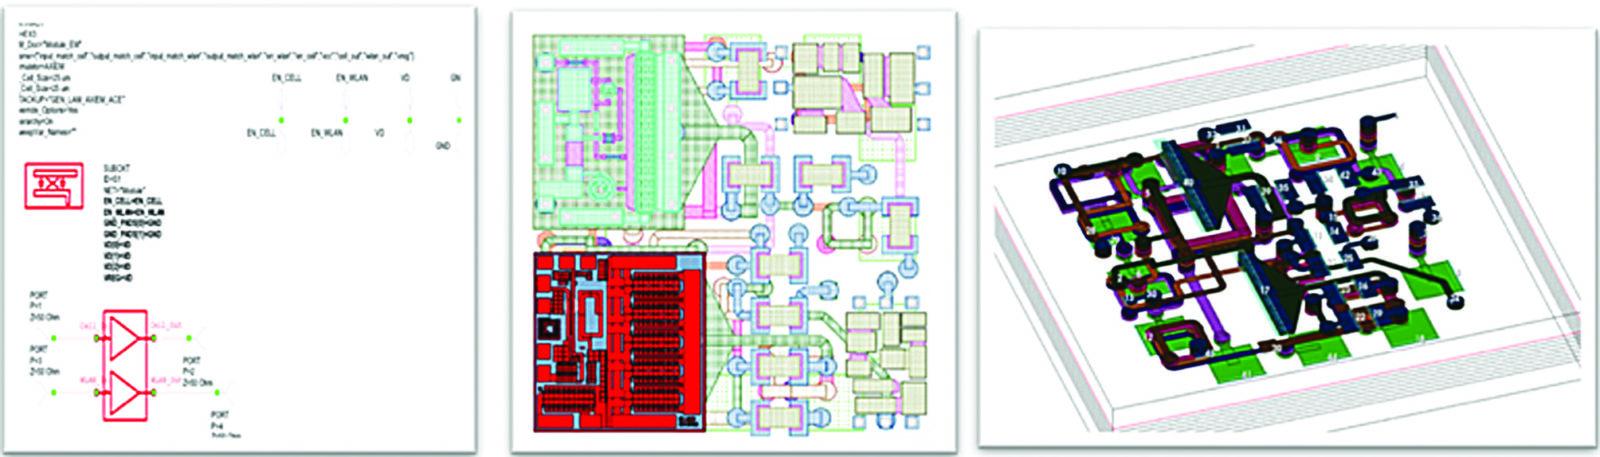 Печатная плата модуля, извлекаемая через EM Extraction в планарный электромагнитный симулятор AXIEM для дальнейшего моделирования